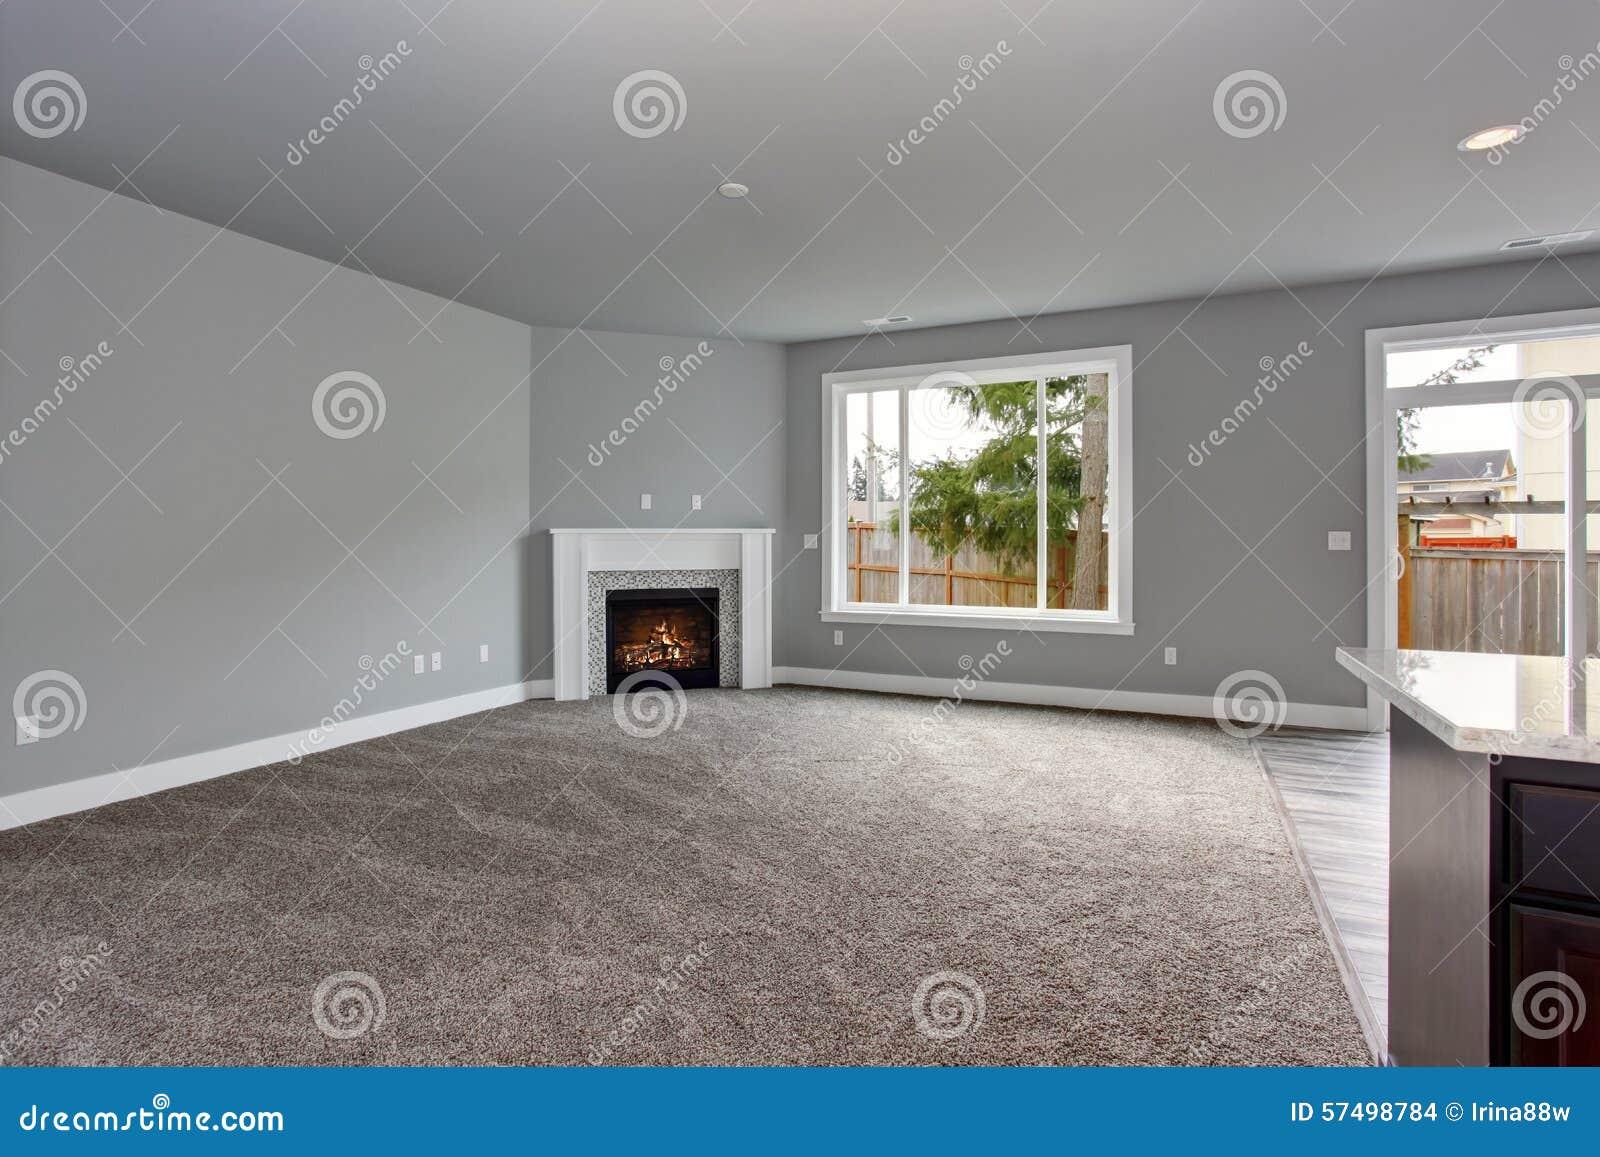 Interni Casa Grigio : Interno moderno e completamente grigio della casa fotografia stock